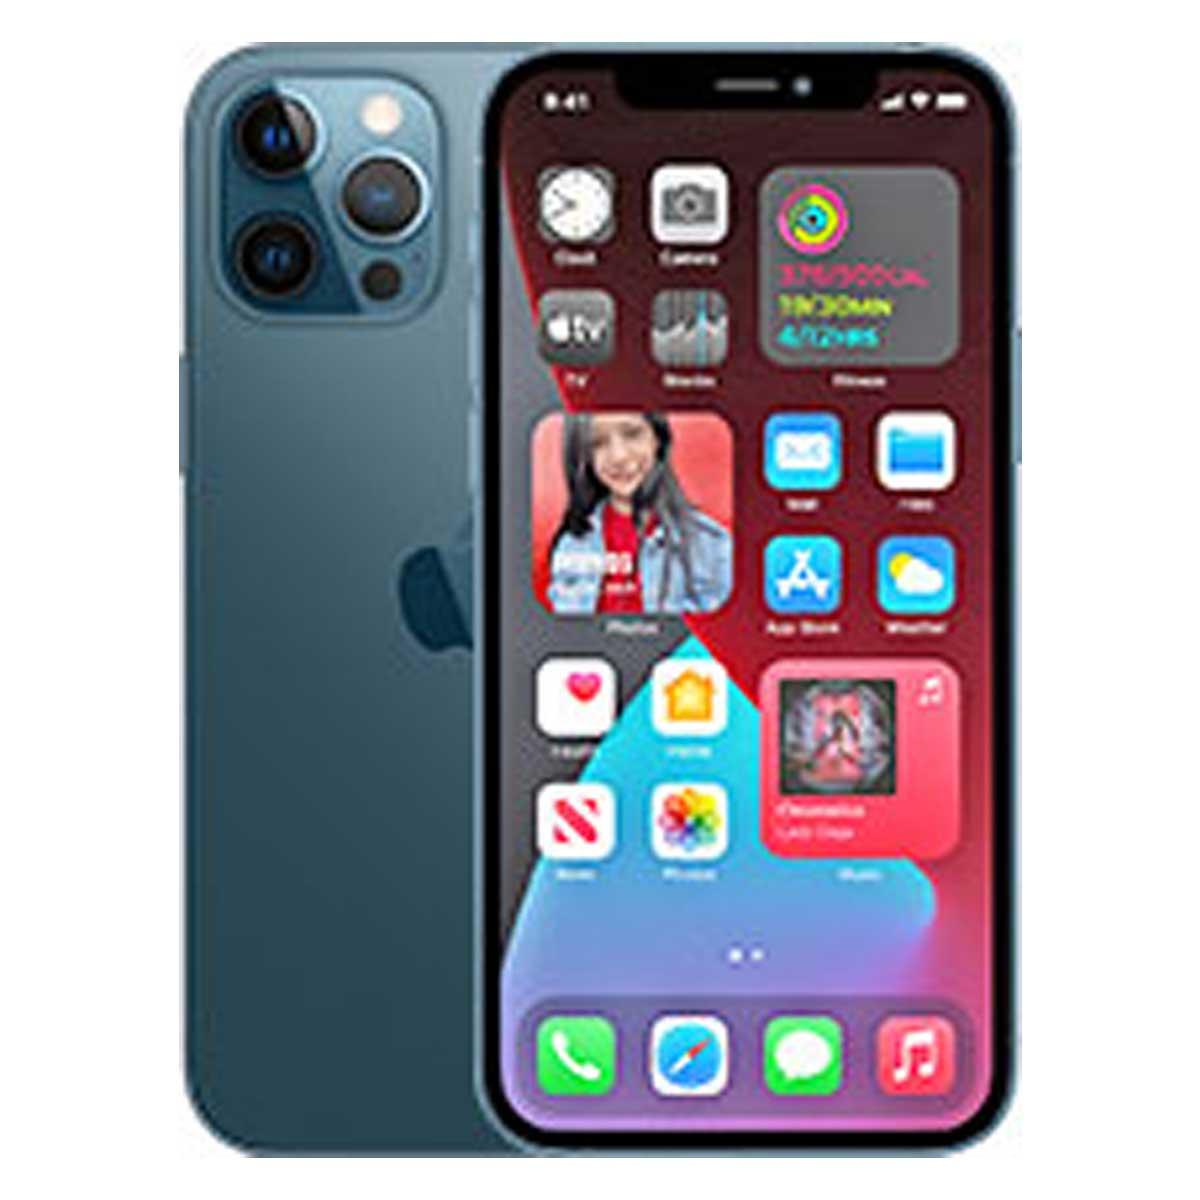 Apple iPhone 12 Pro Max Price in India, Full Specs - 17th ...